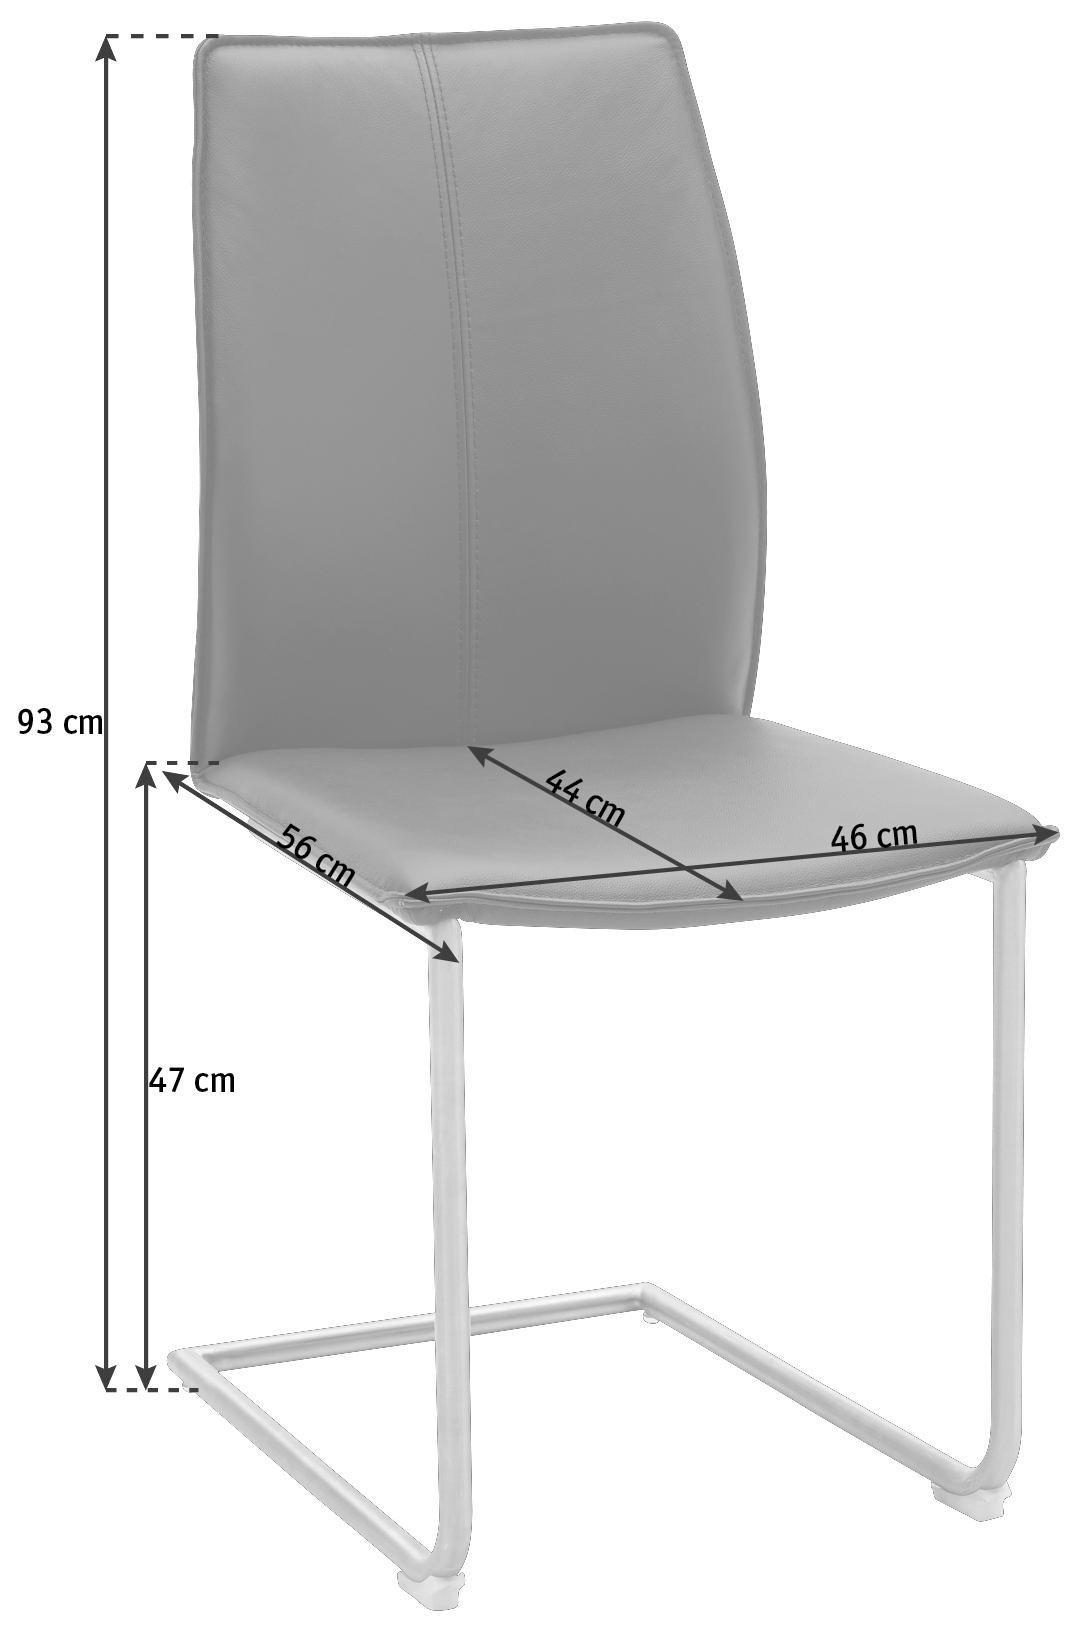 SCHWINGSTUHL in Leder, Metall Edelstahlfarben, Schwarz - Edelstahlfarben/Schwarz, Design, Leder/Metall (1/1/1cm) - DIETER KNOLL